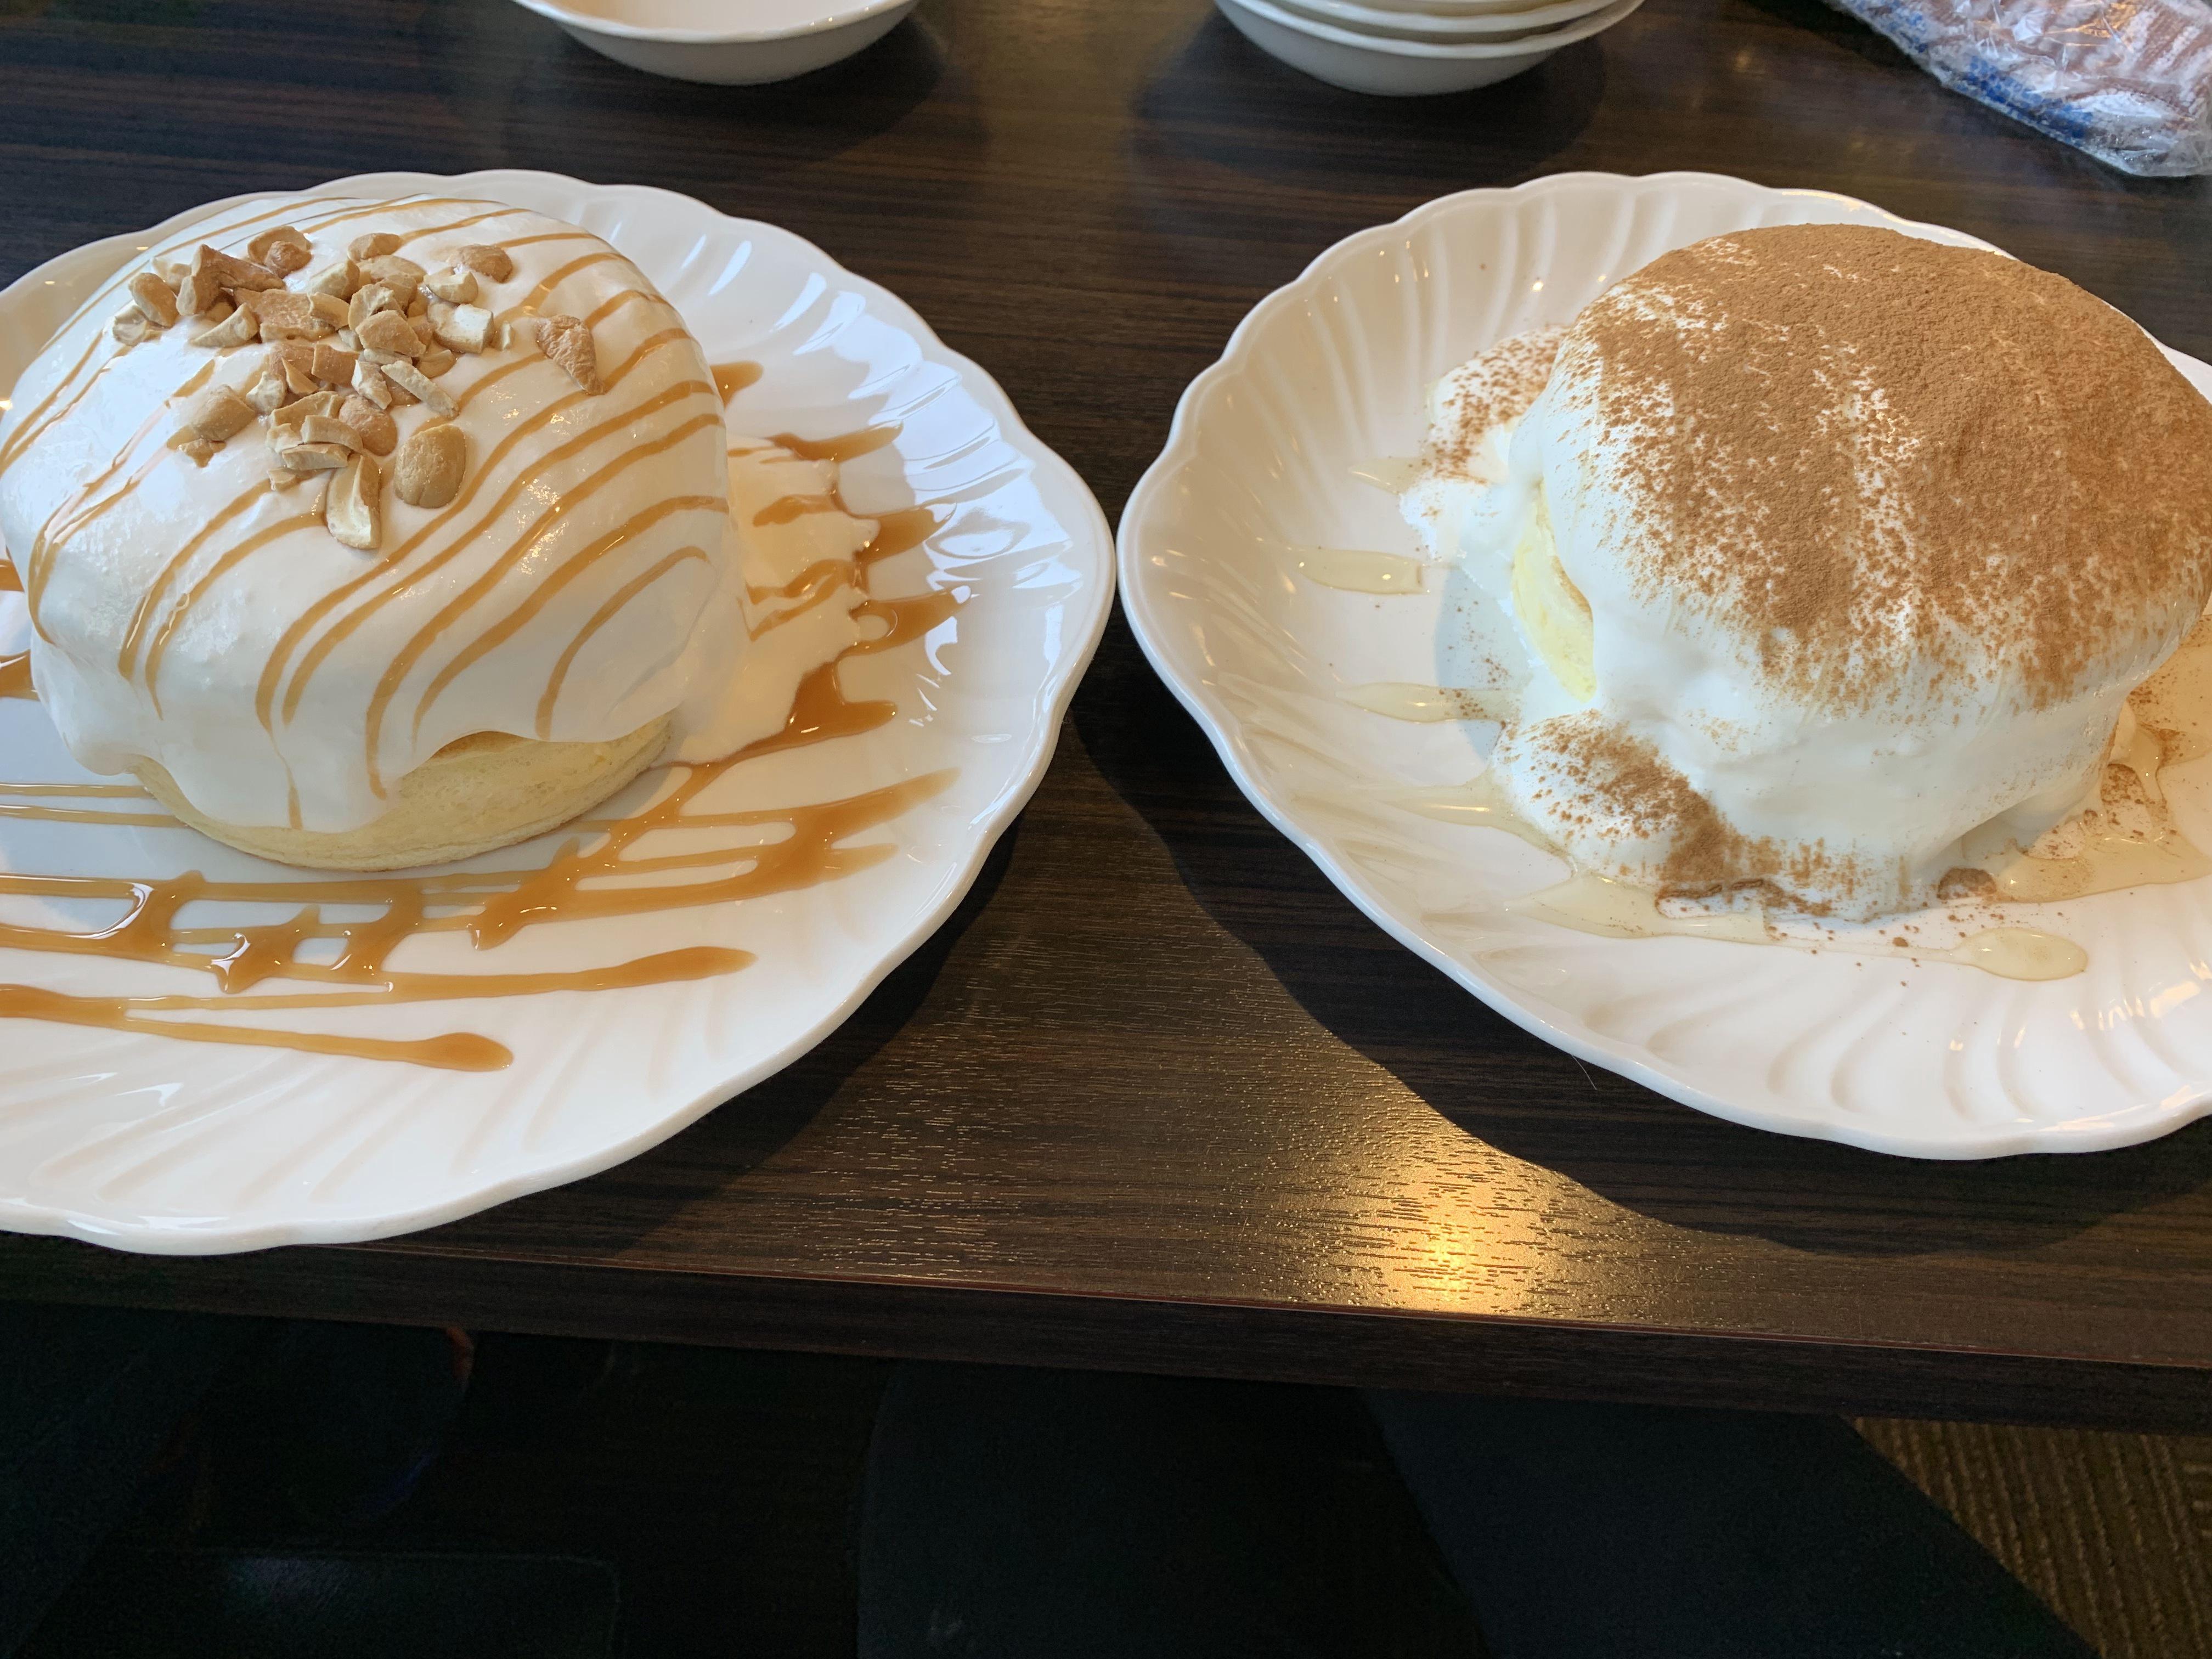 さかい珈琲のパンケーキは美味しい?〇〇珈琲店スイーツ食べ歩きブログ01